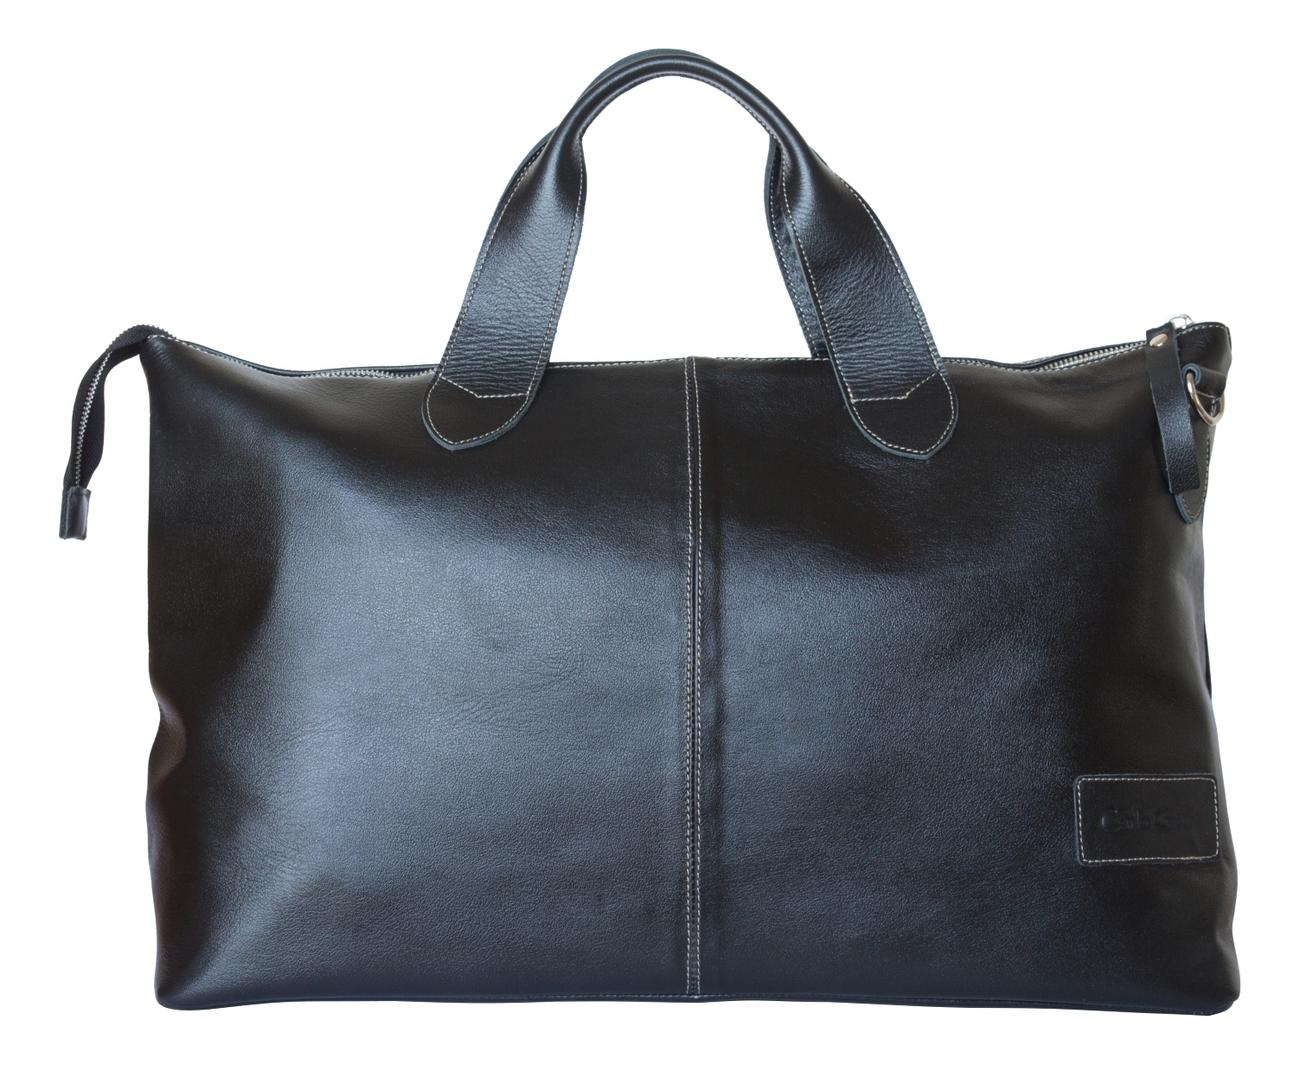 Дорожная сумка Cassolo Black 4002-01 кожаная дорожная сумка carlo gattini normanno 4007 4007 01